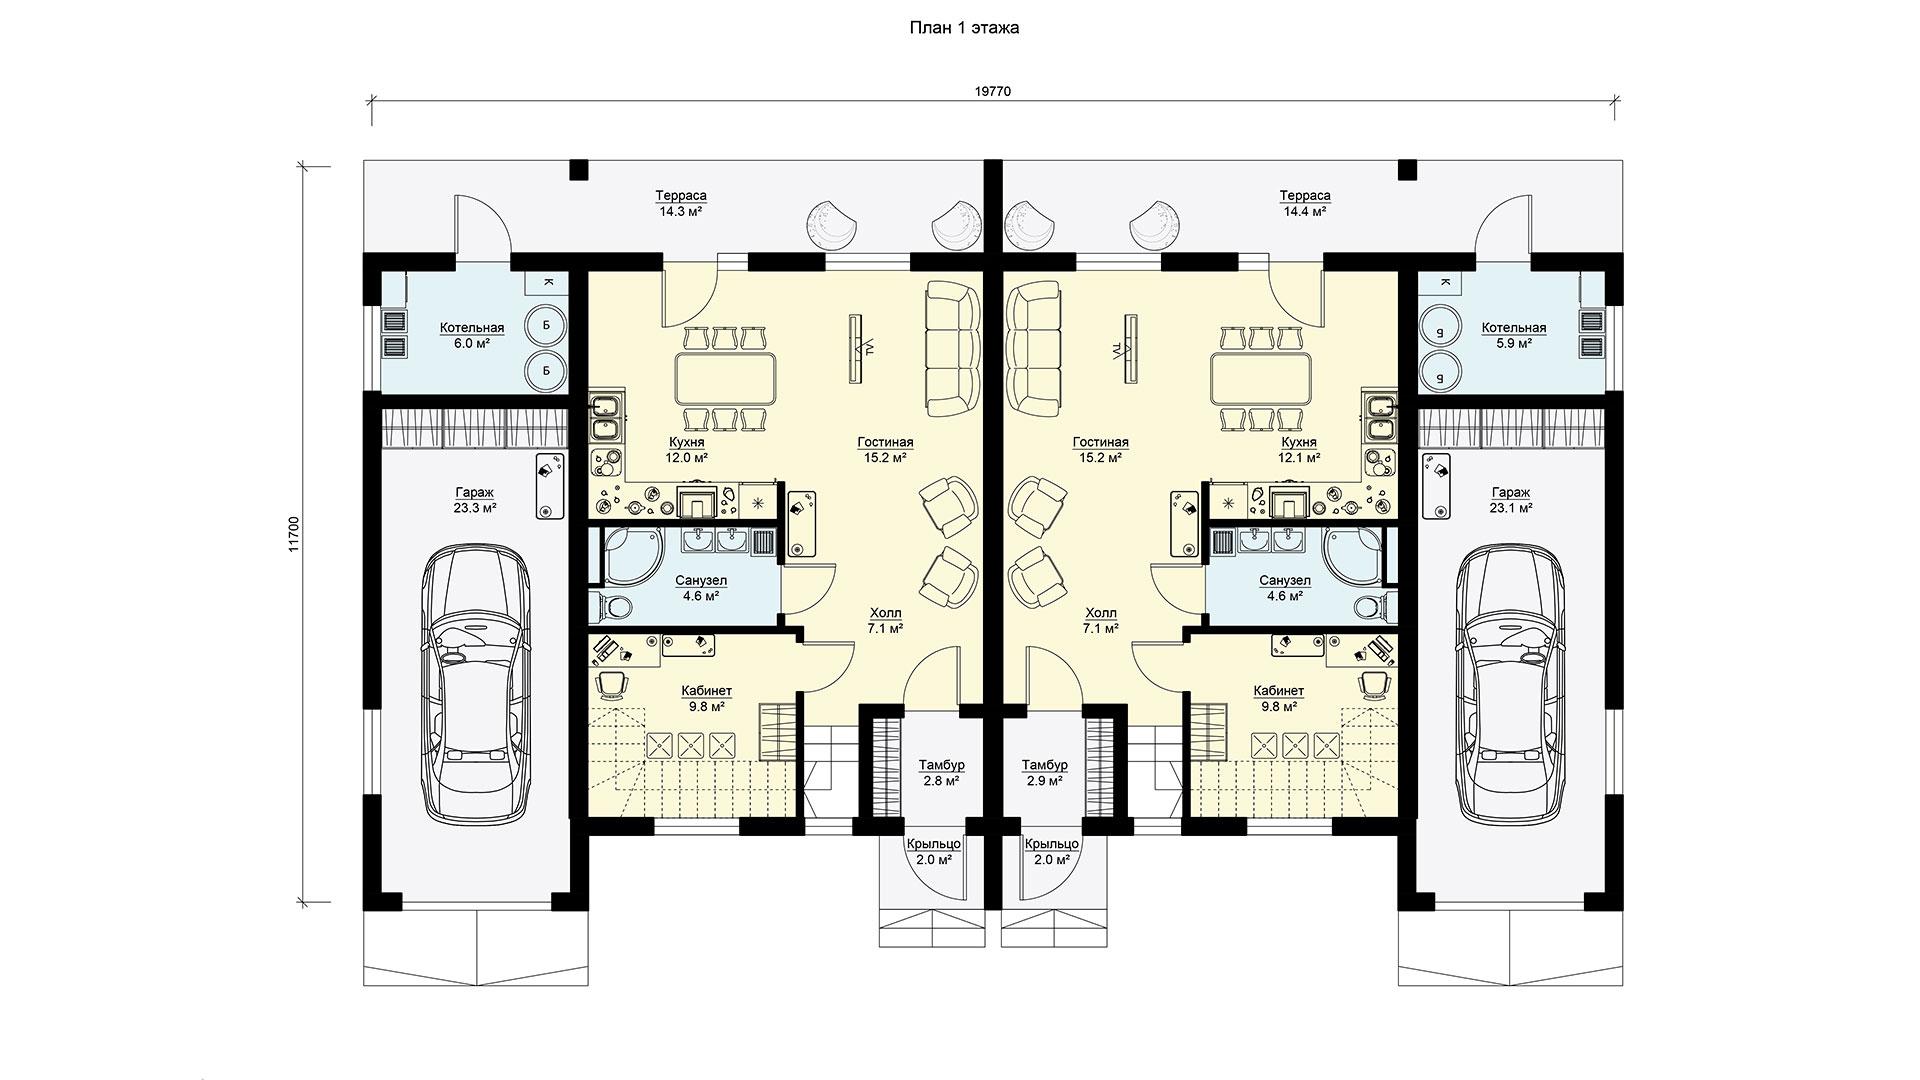 Планировка первого этажа двухэтажного дома с гаражами и террасами. Проекта БЭНПАН-391